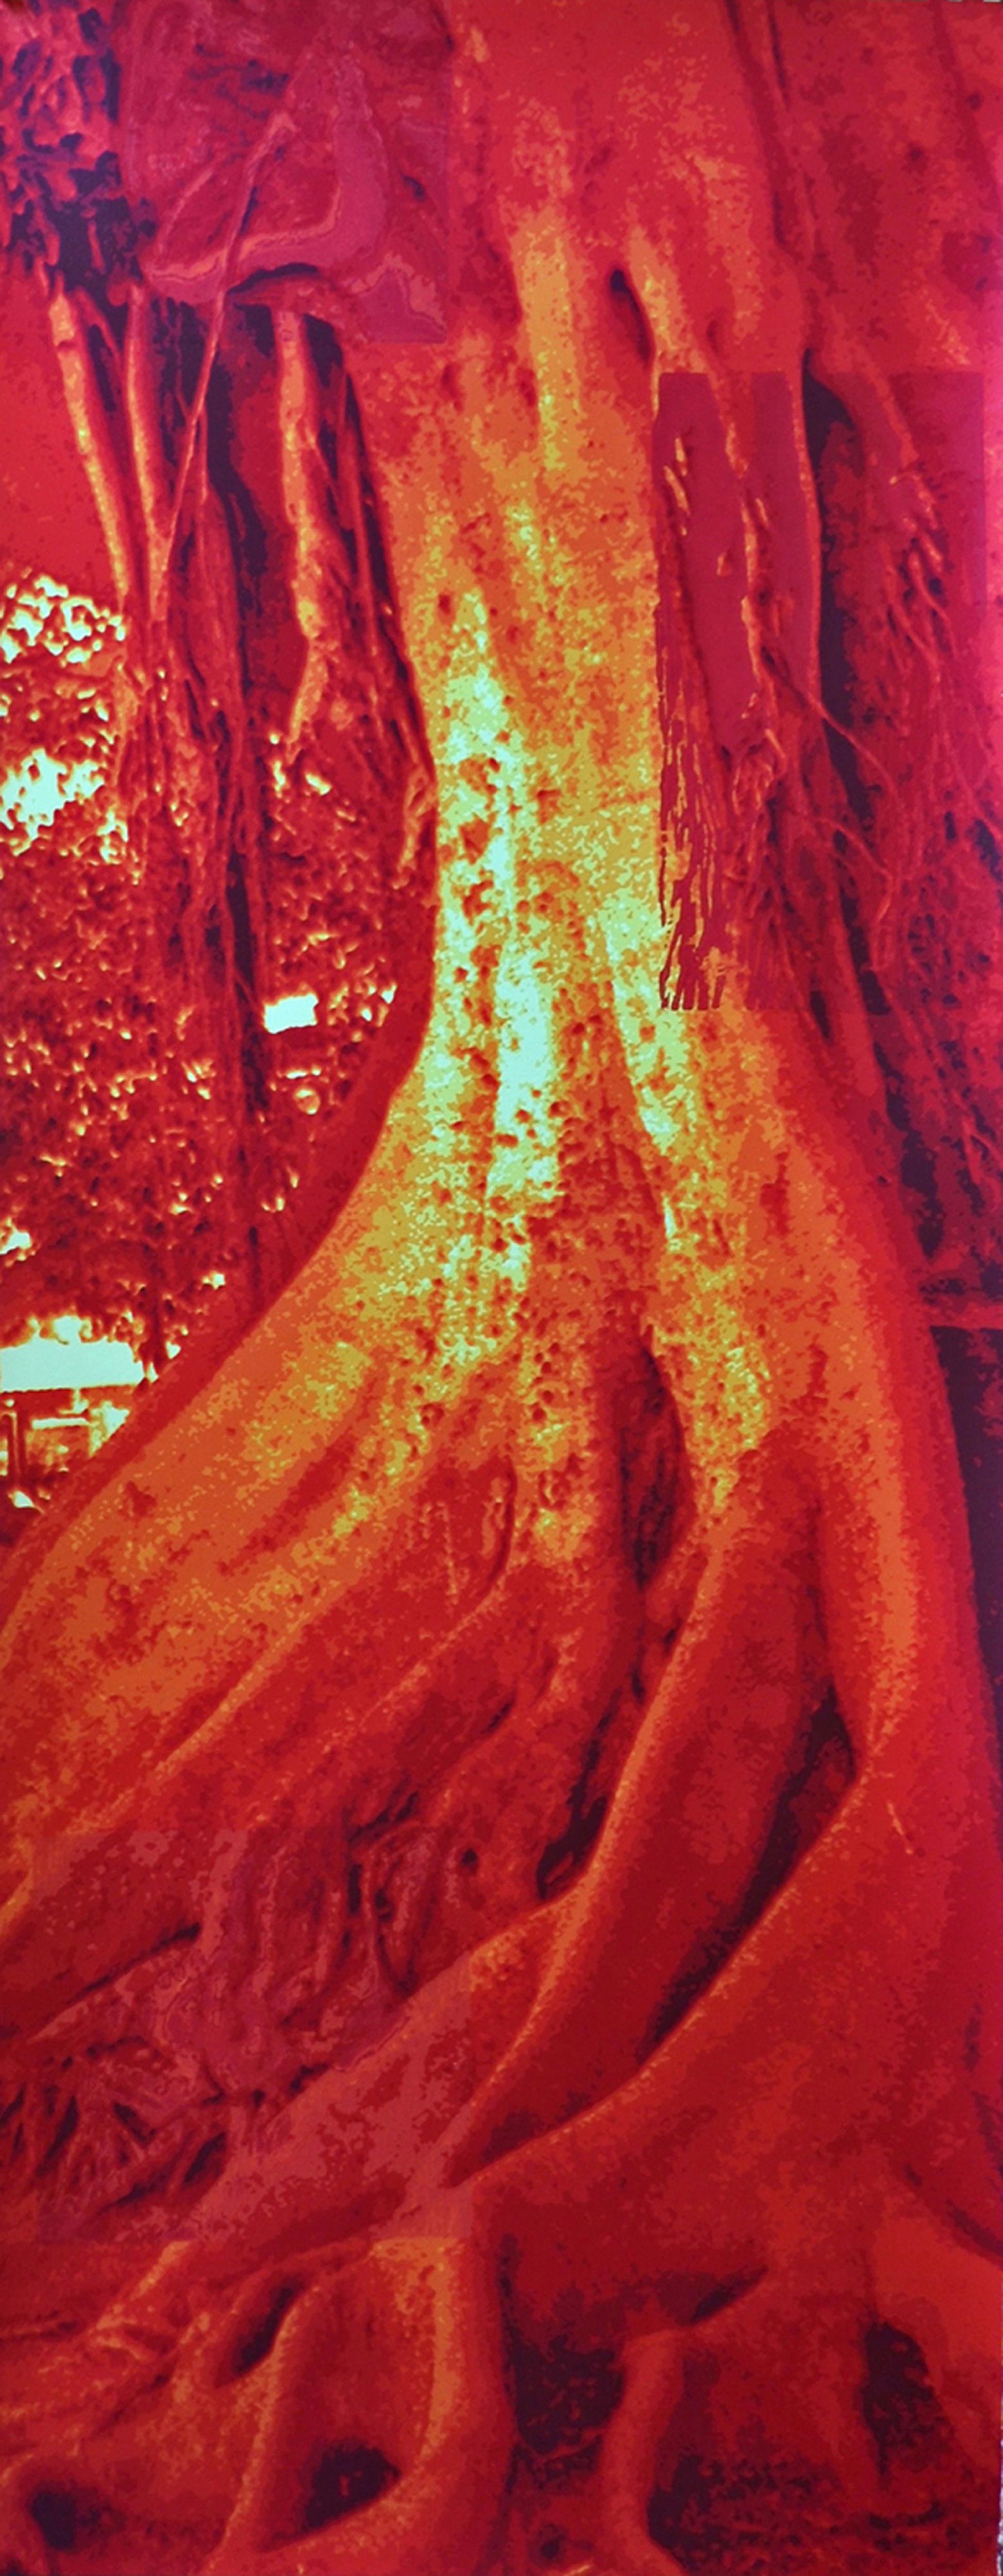 Teri Walsh - Art Work 1 -Trees & Roots IV.jpg